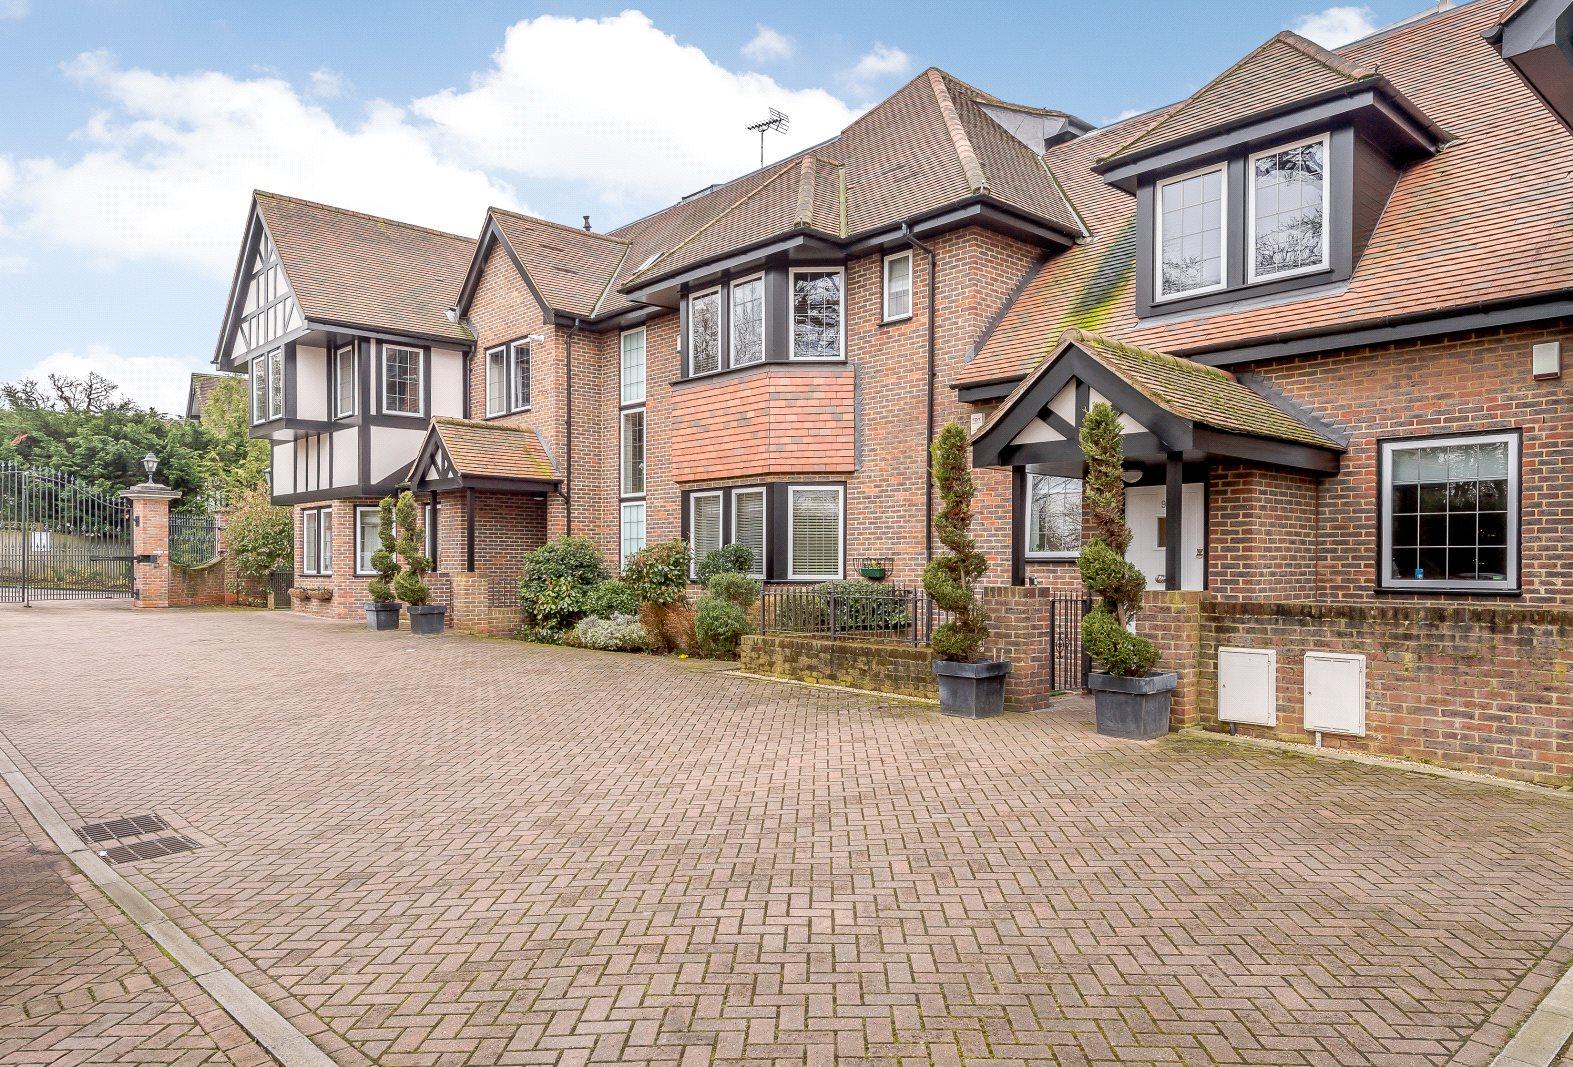 διαμερίσματα για την Πώληση στο Buckley Court, 375 Cockfosters Road, Barnet, Hertfordshire, EN4 Barnet, Αγγλια